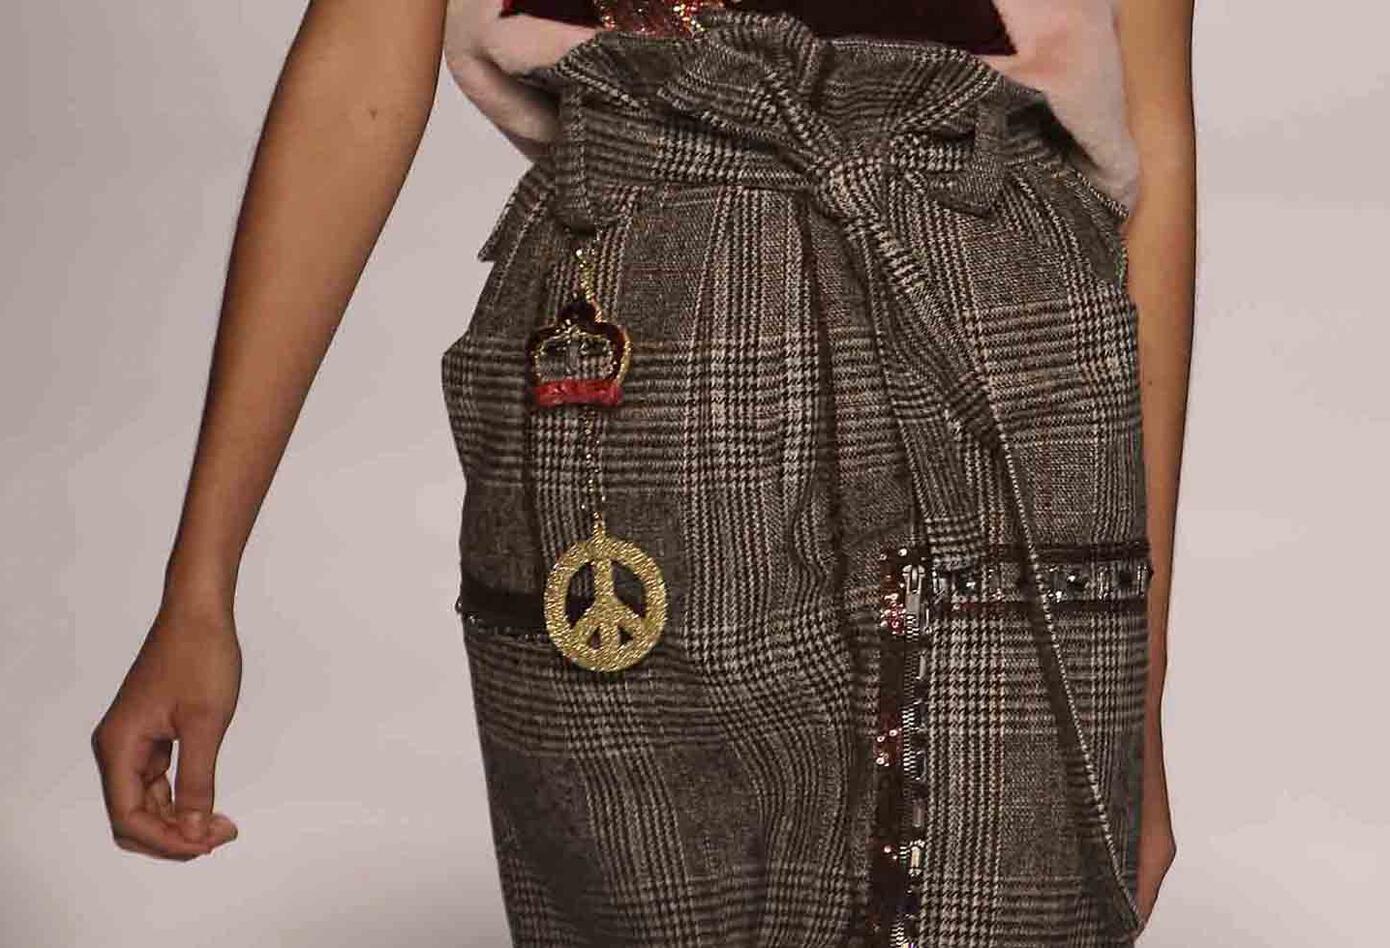 Algunas prendas lucieron accesorios y detalles en lentejuelas y brillantes.